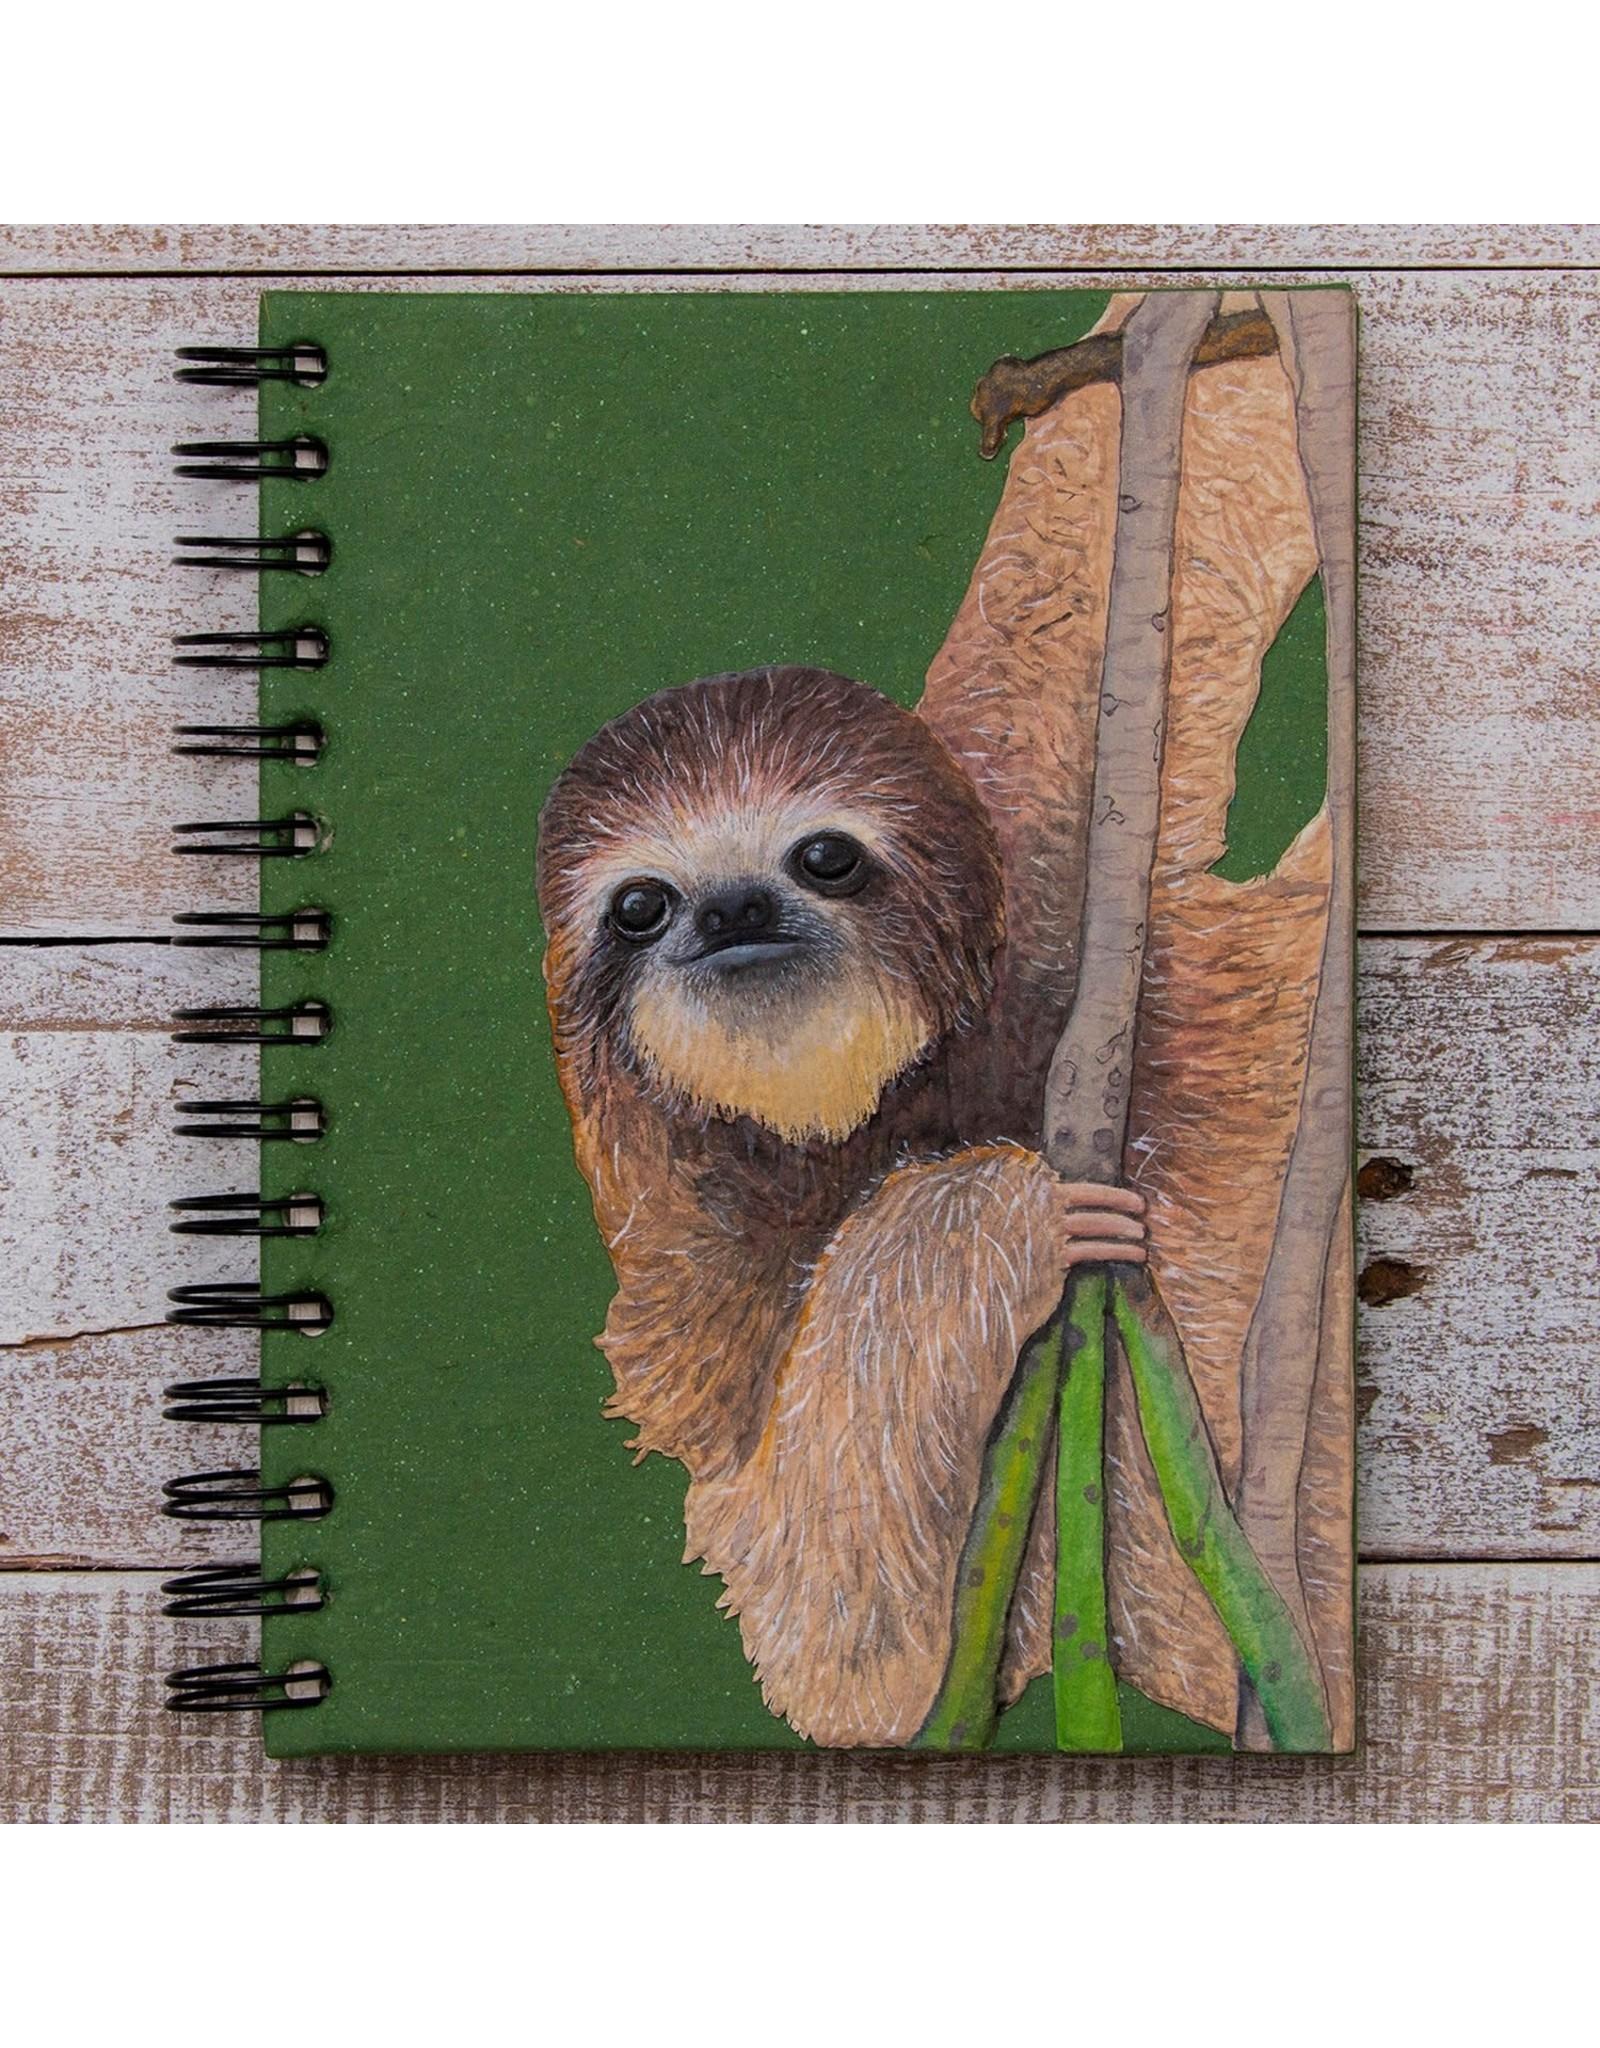 Large Notebook, Sloth, Sri Lanka